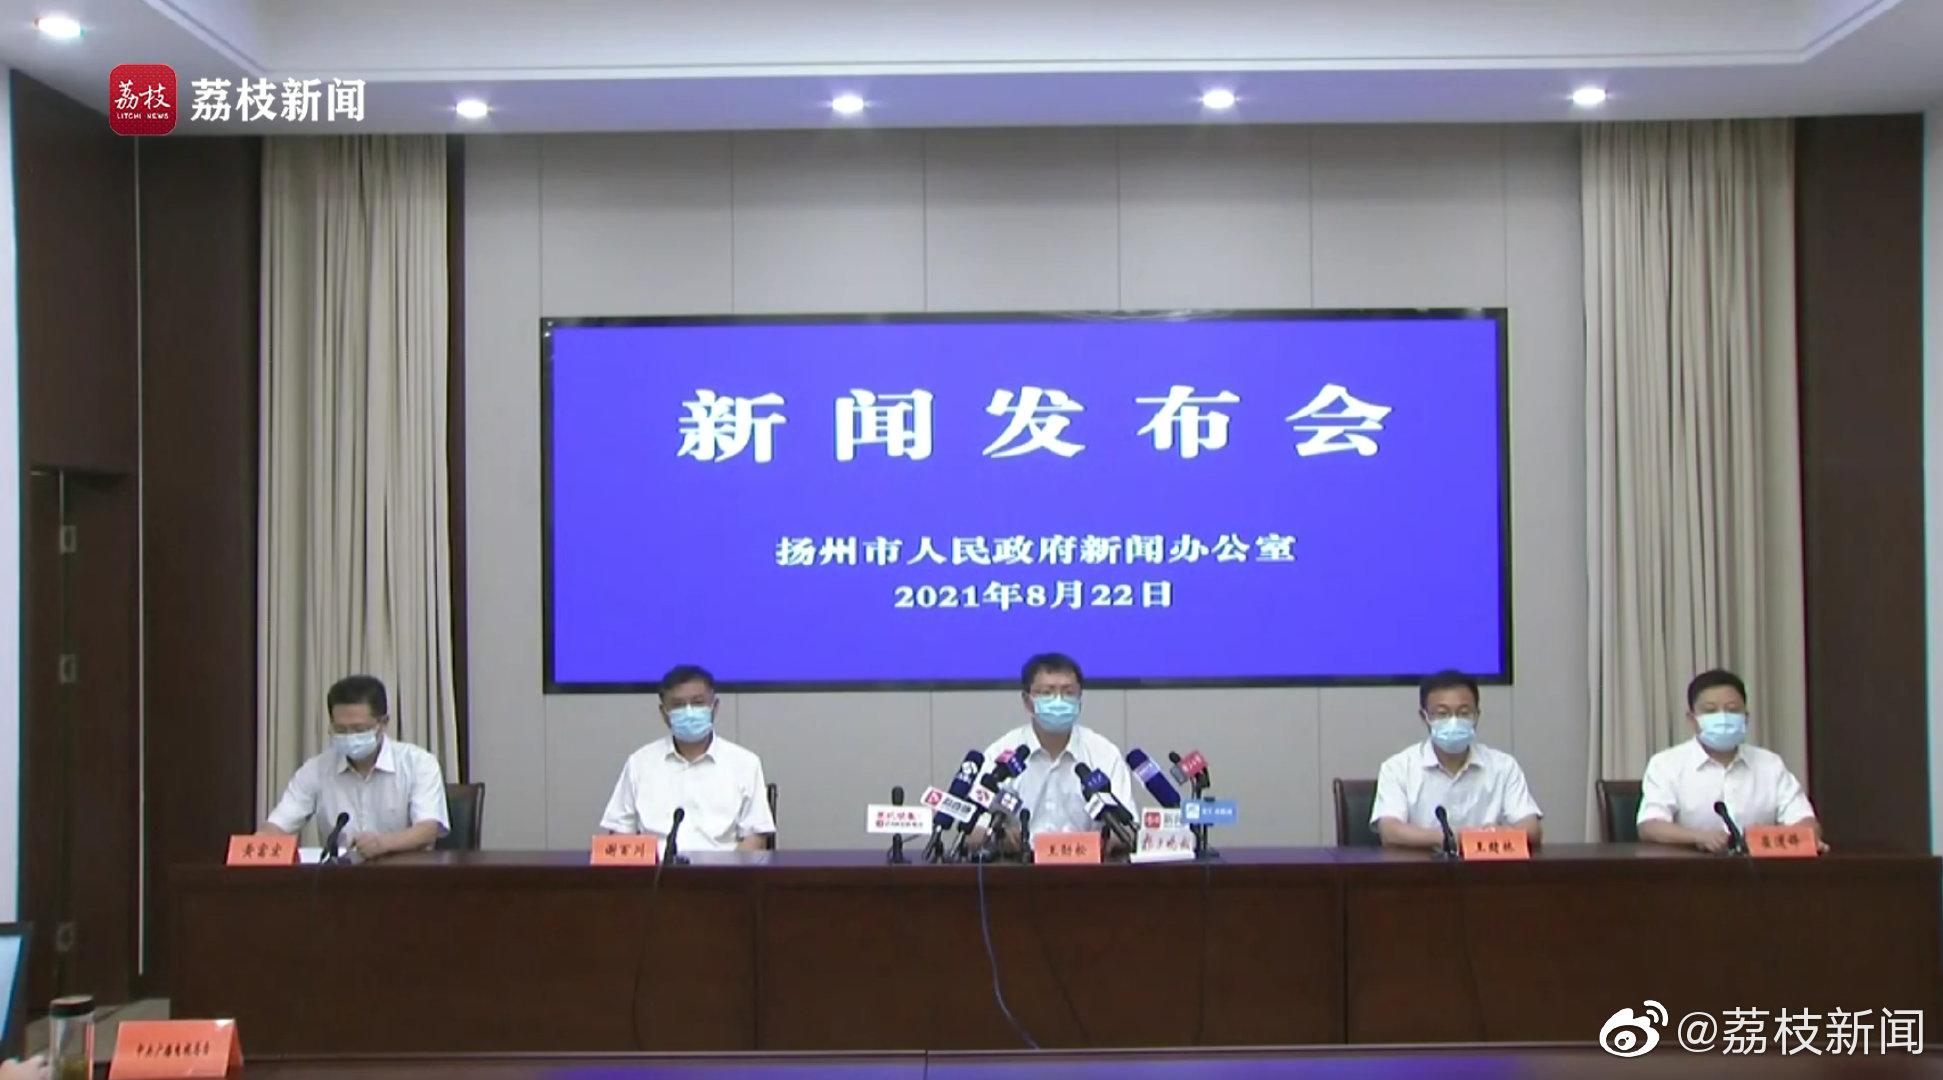 扬州现有4个高风险21个中风险地区